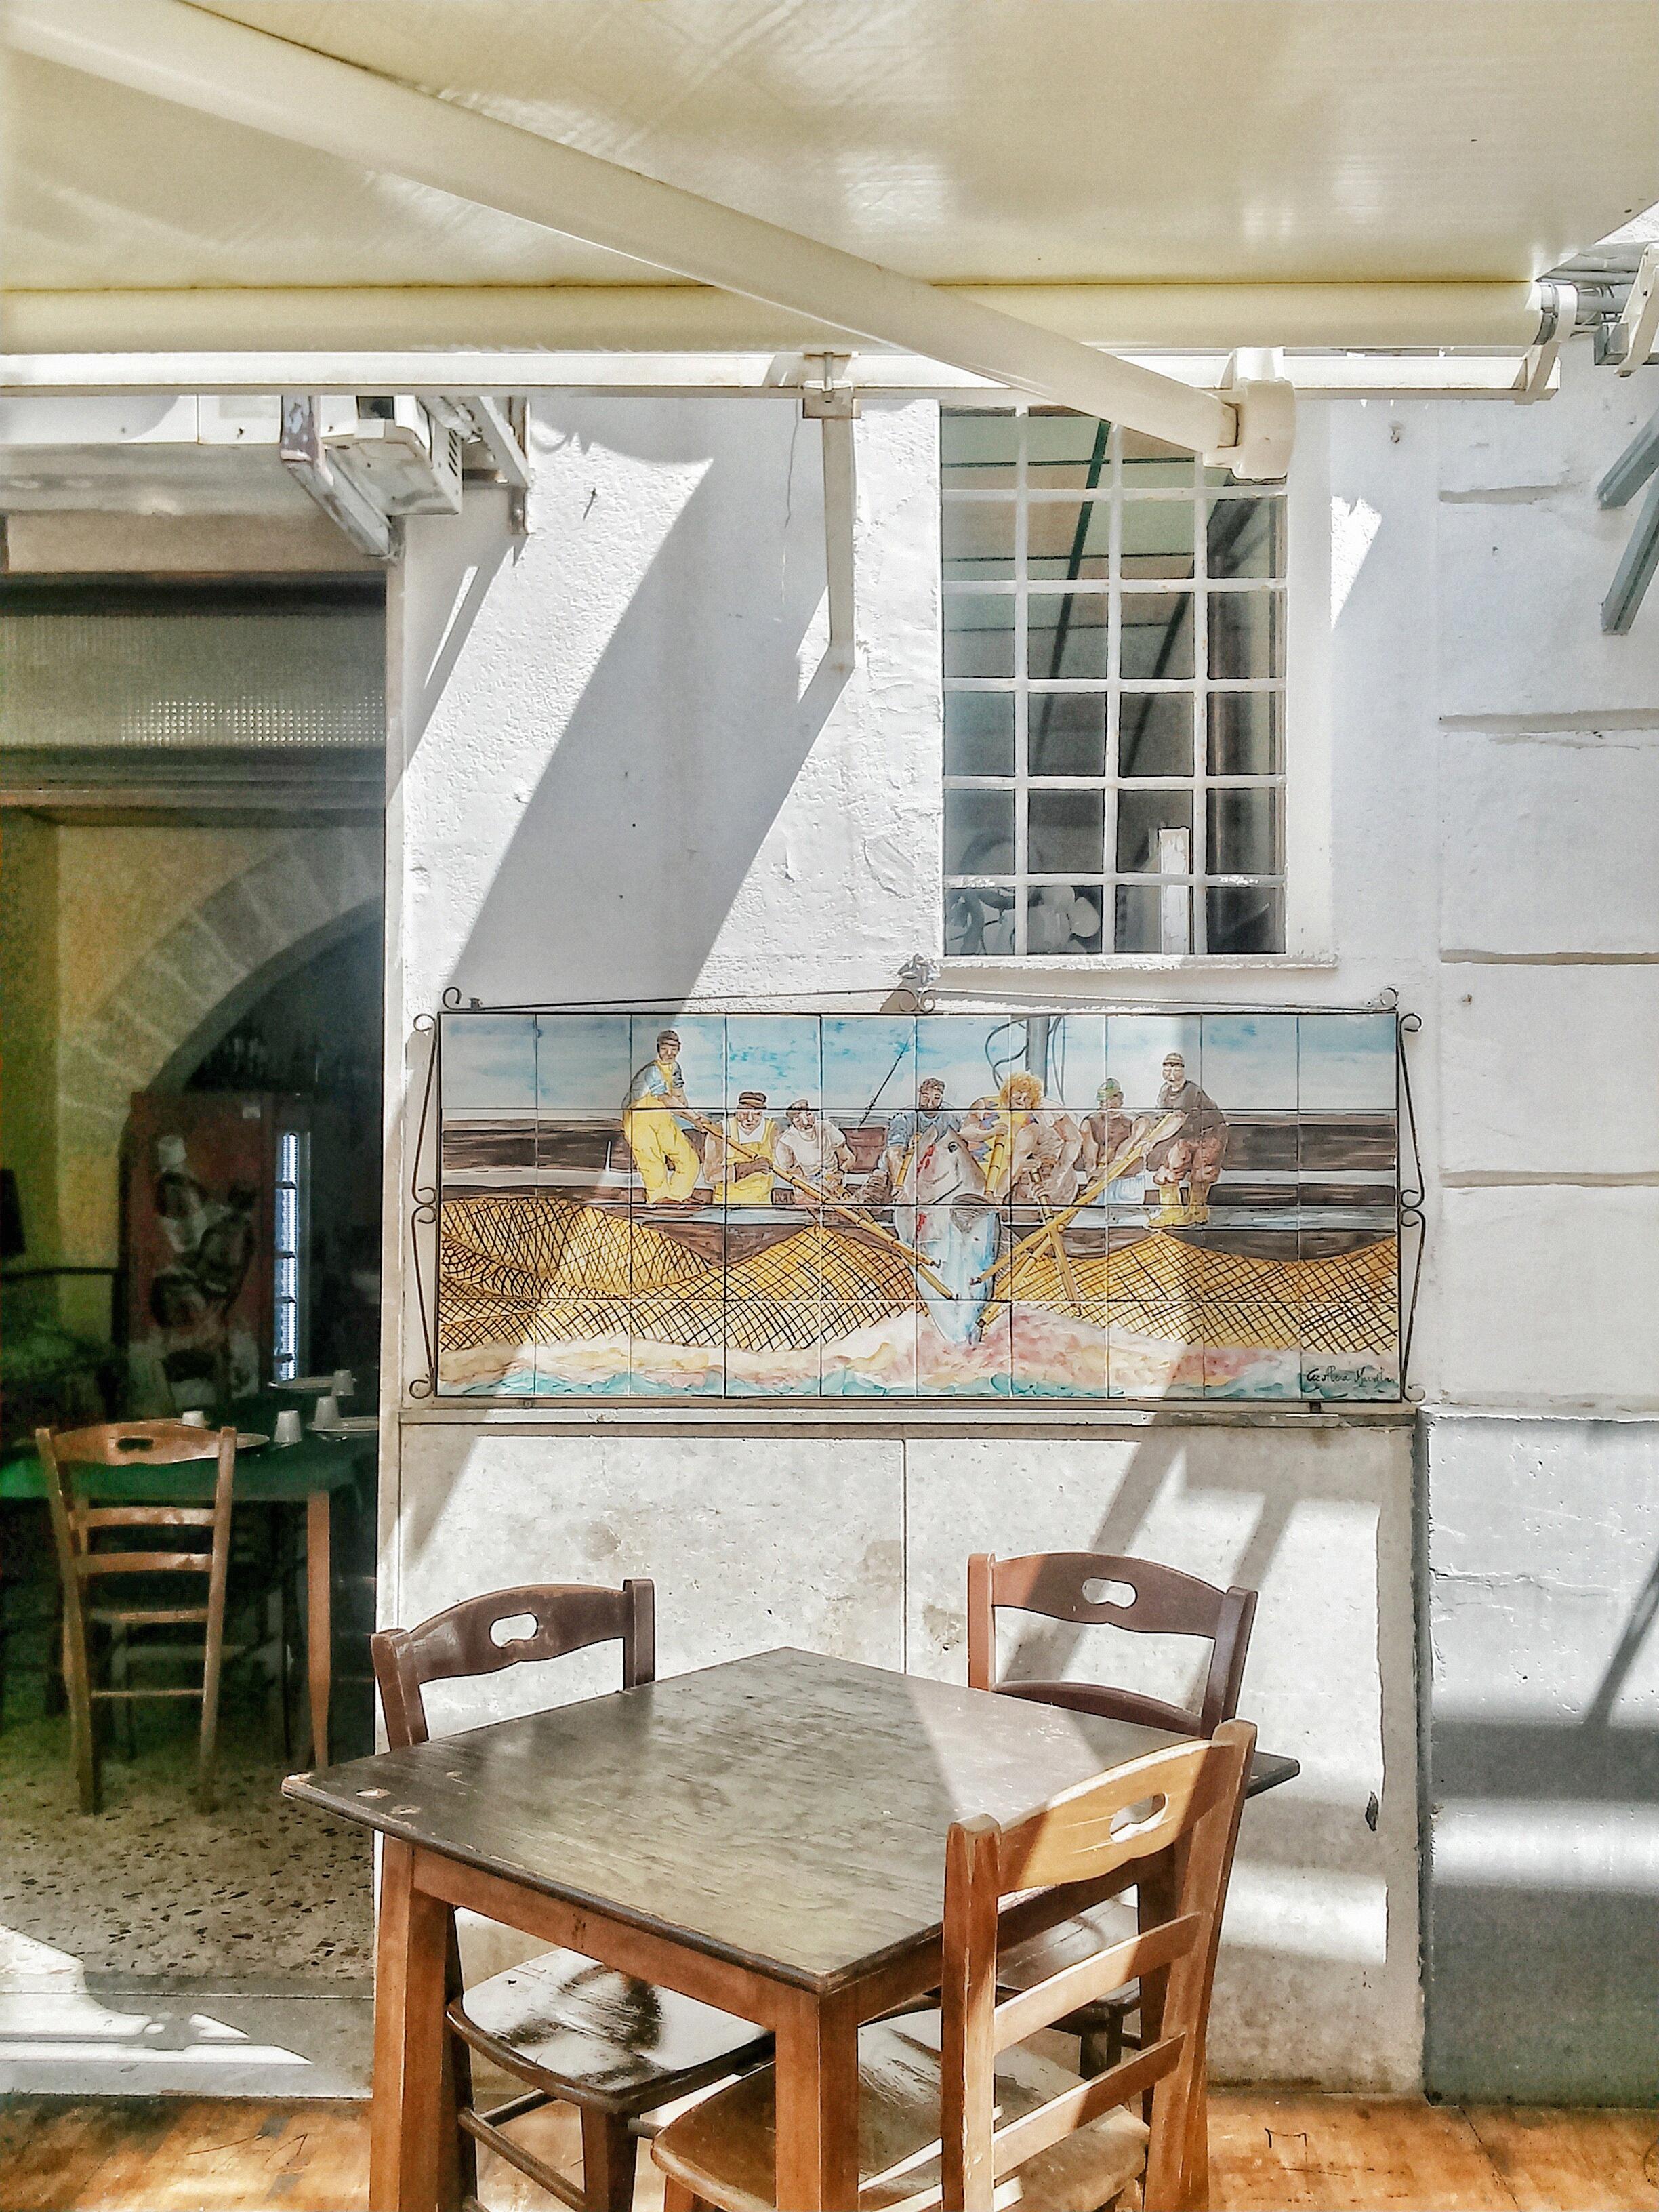 Gambar Meja Kayu Rumah Restoran Pondok Dapur Milik Ruang